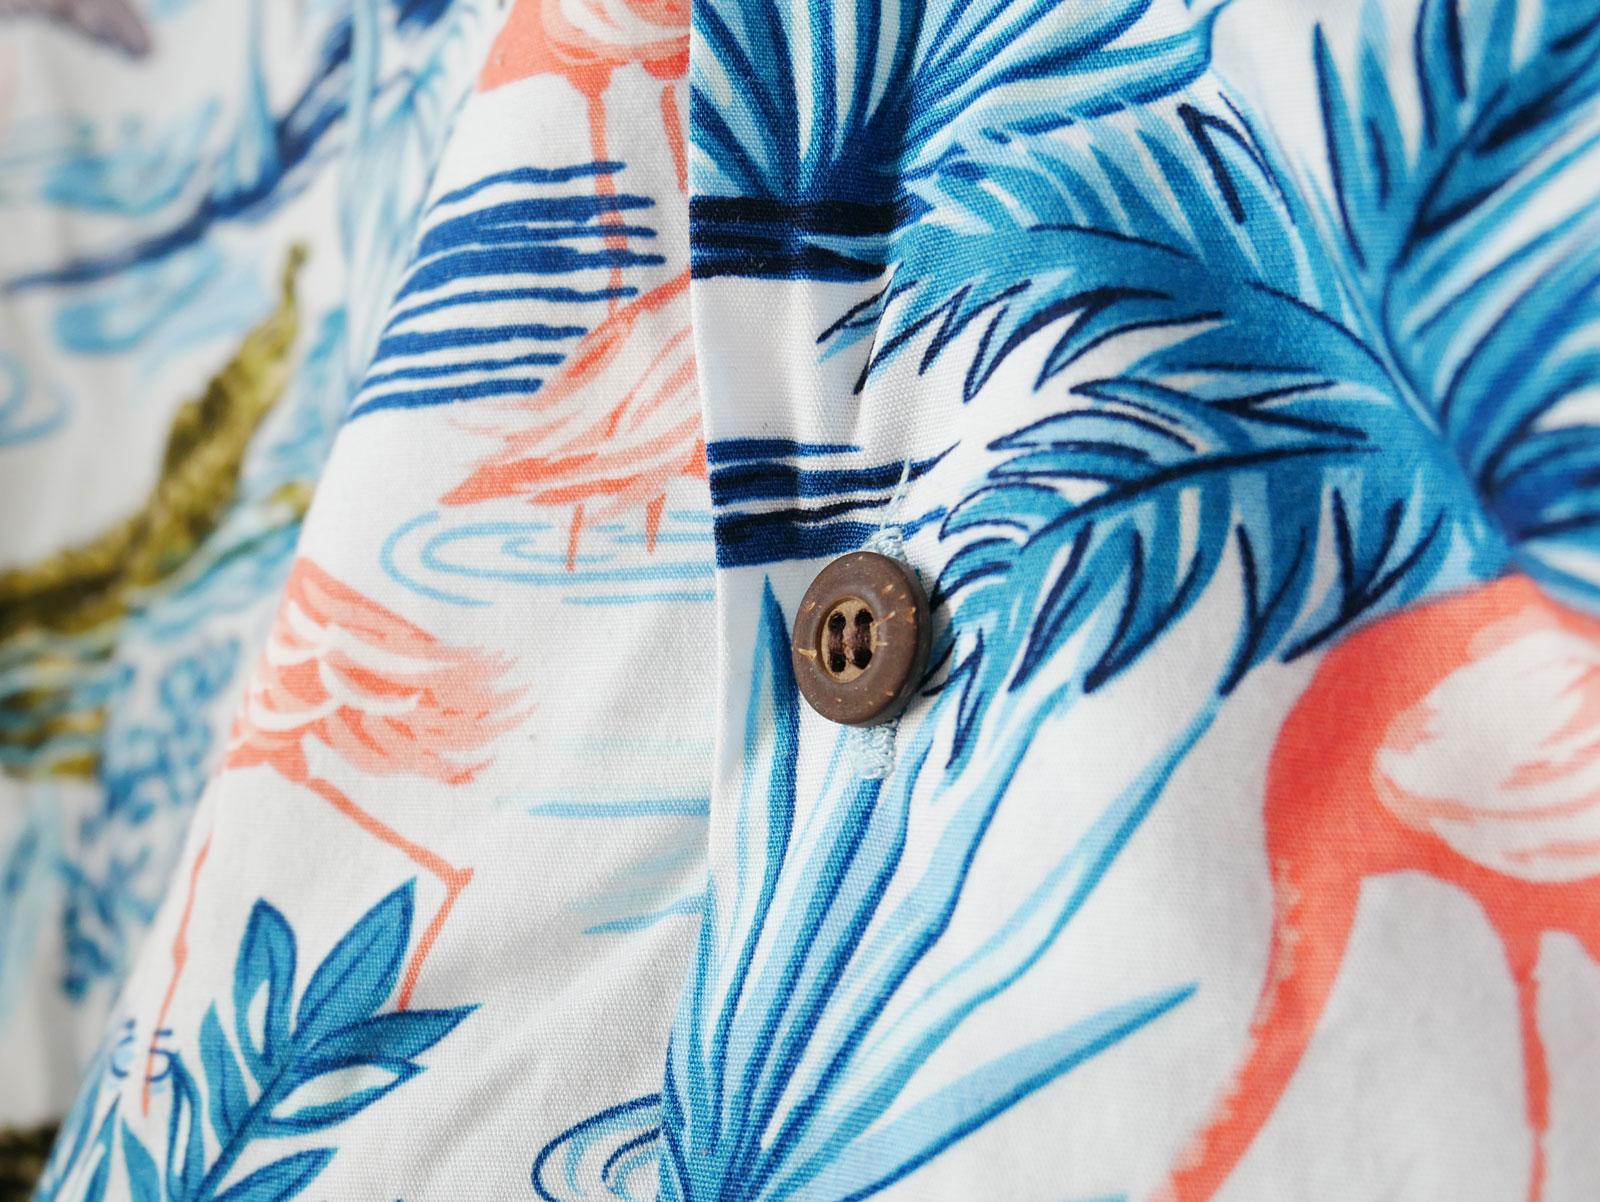 Hawaiihemd mit Knopf aus Kokosnussschale